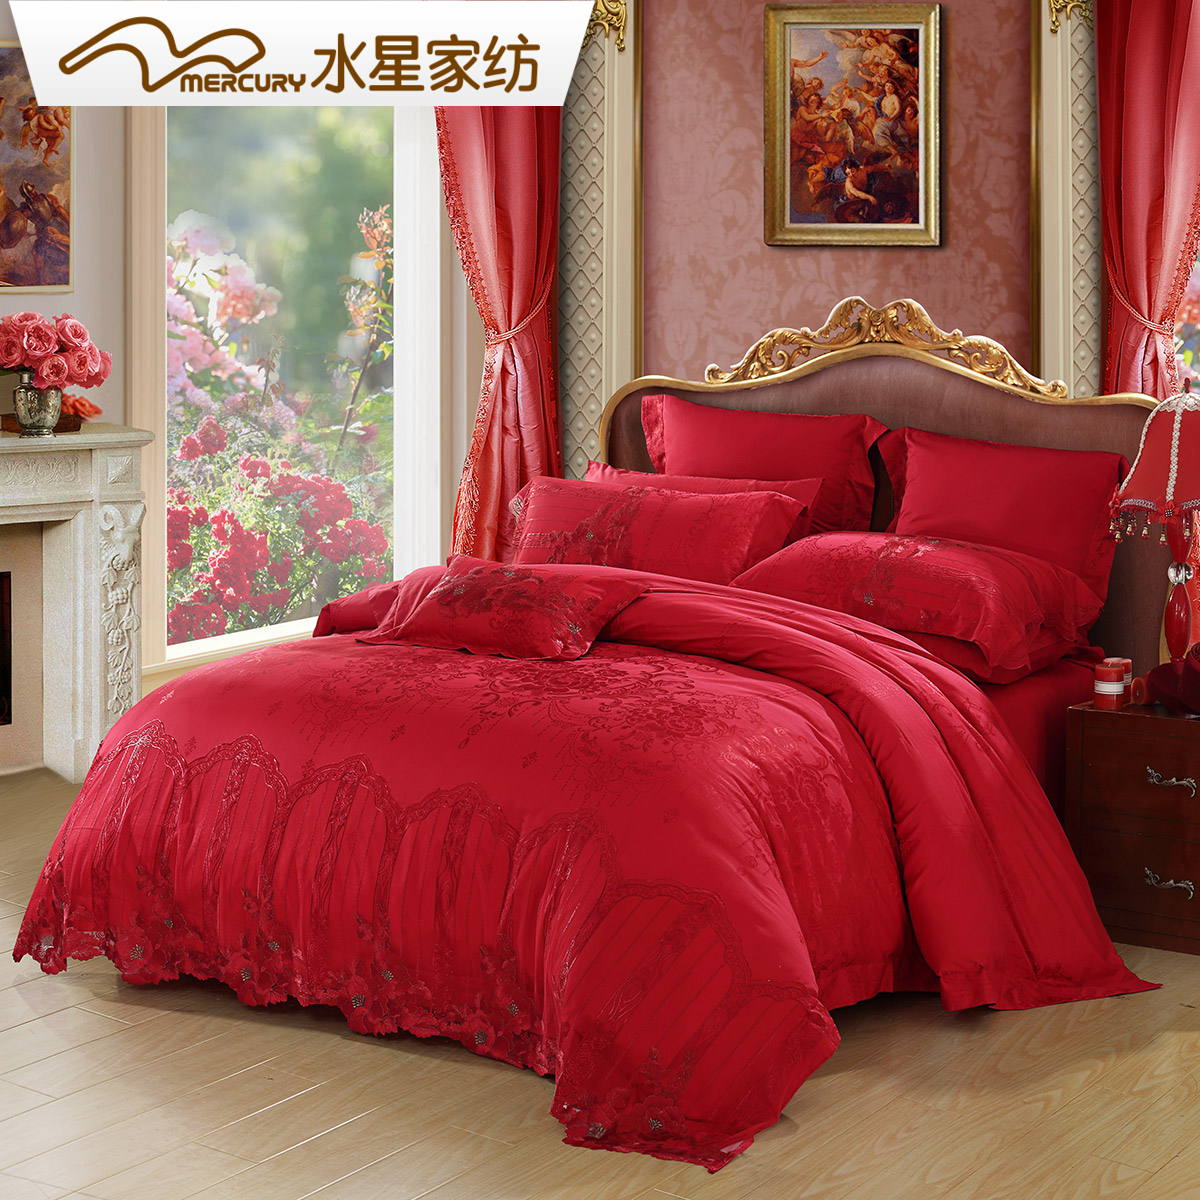 水星家纺八件套红色婚庆蕾丝提花床上用品新婚床单被套喜滋滋